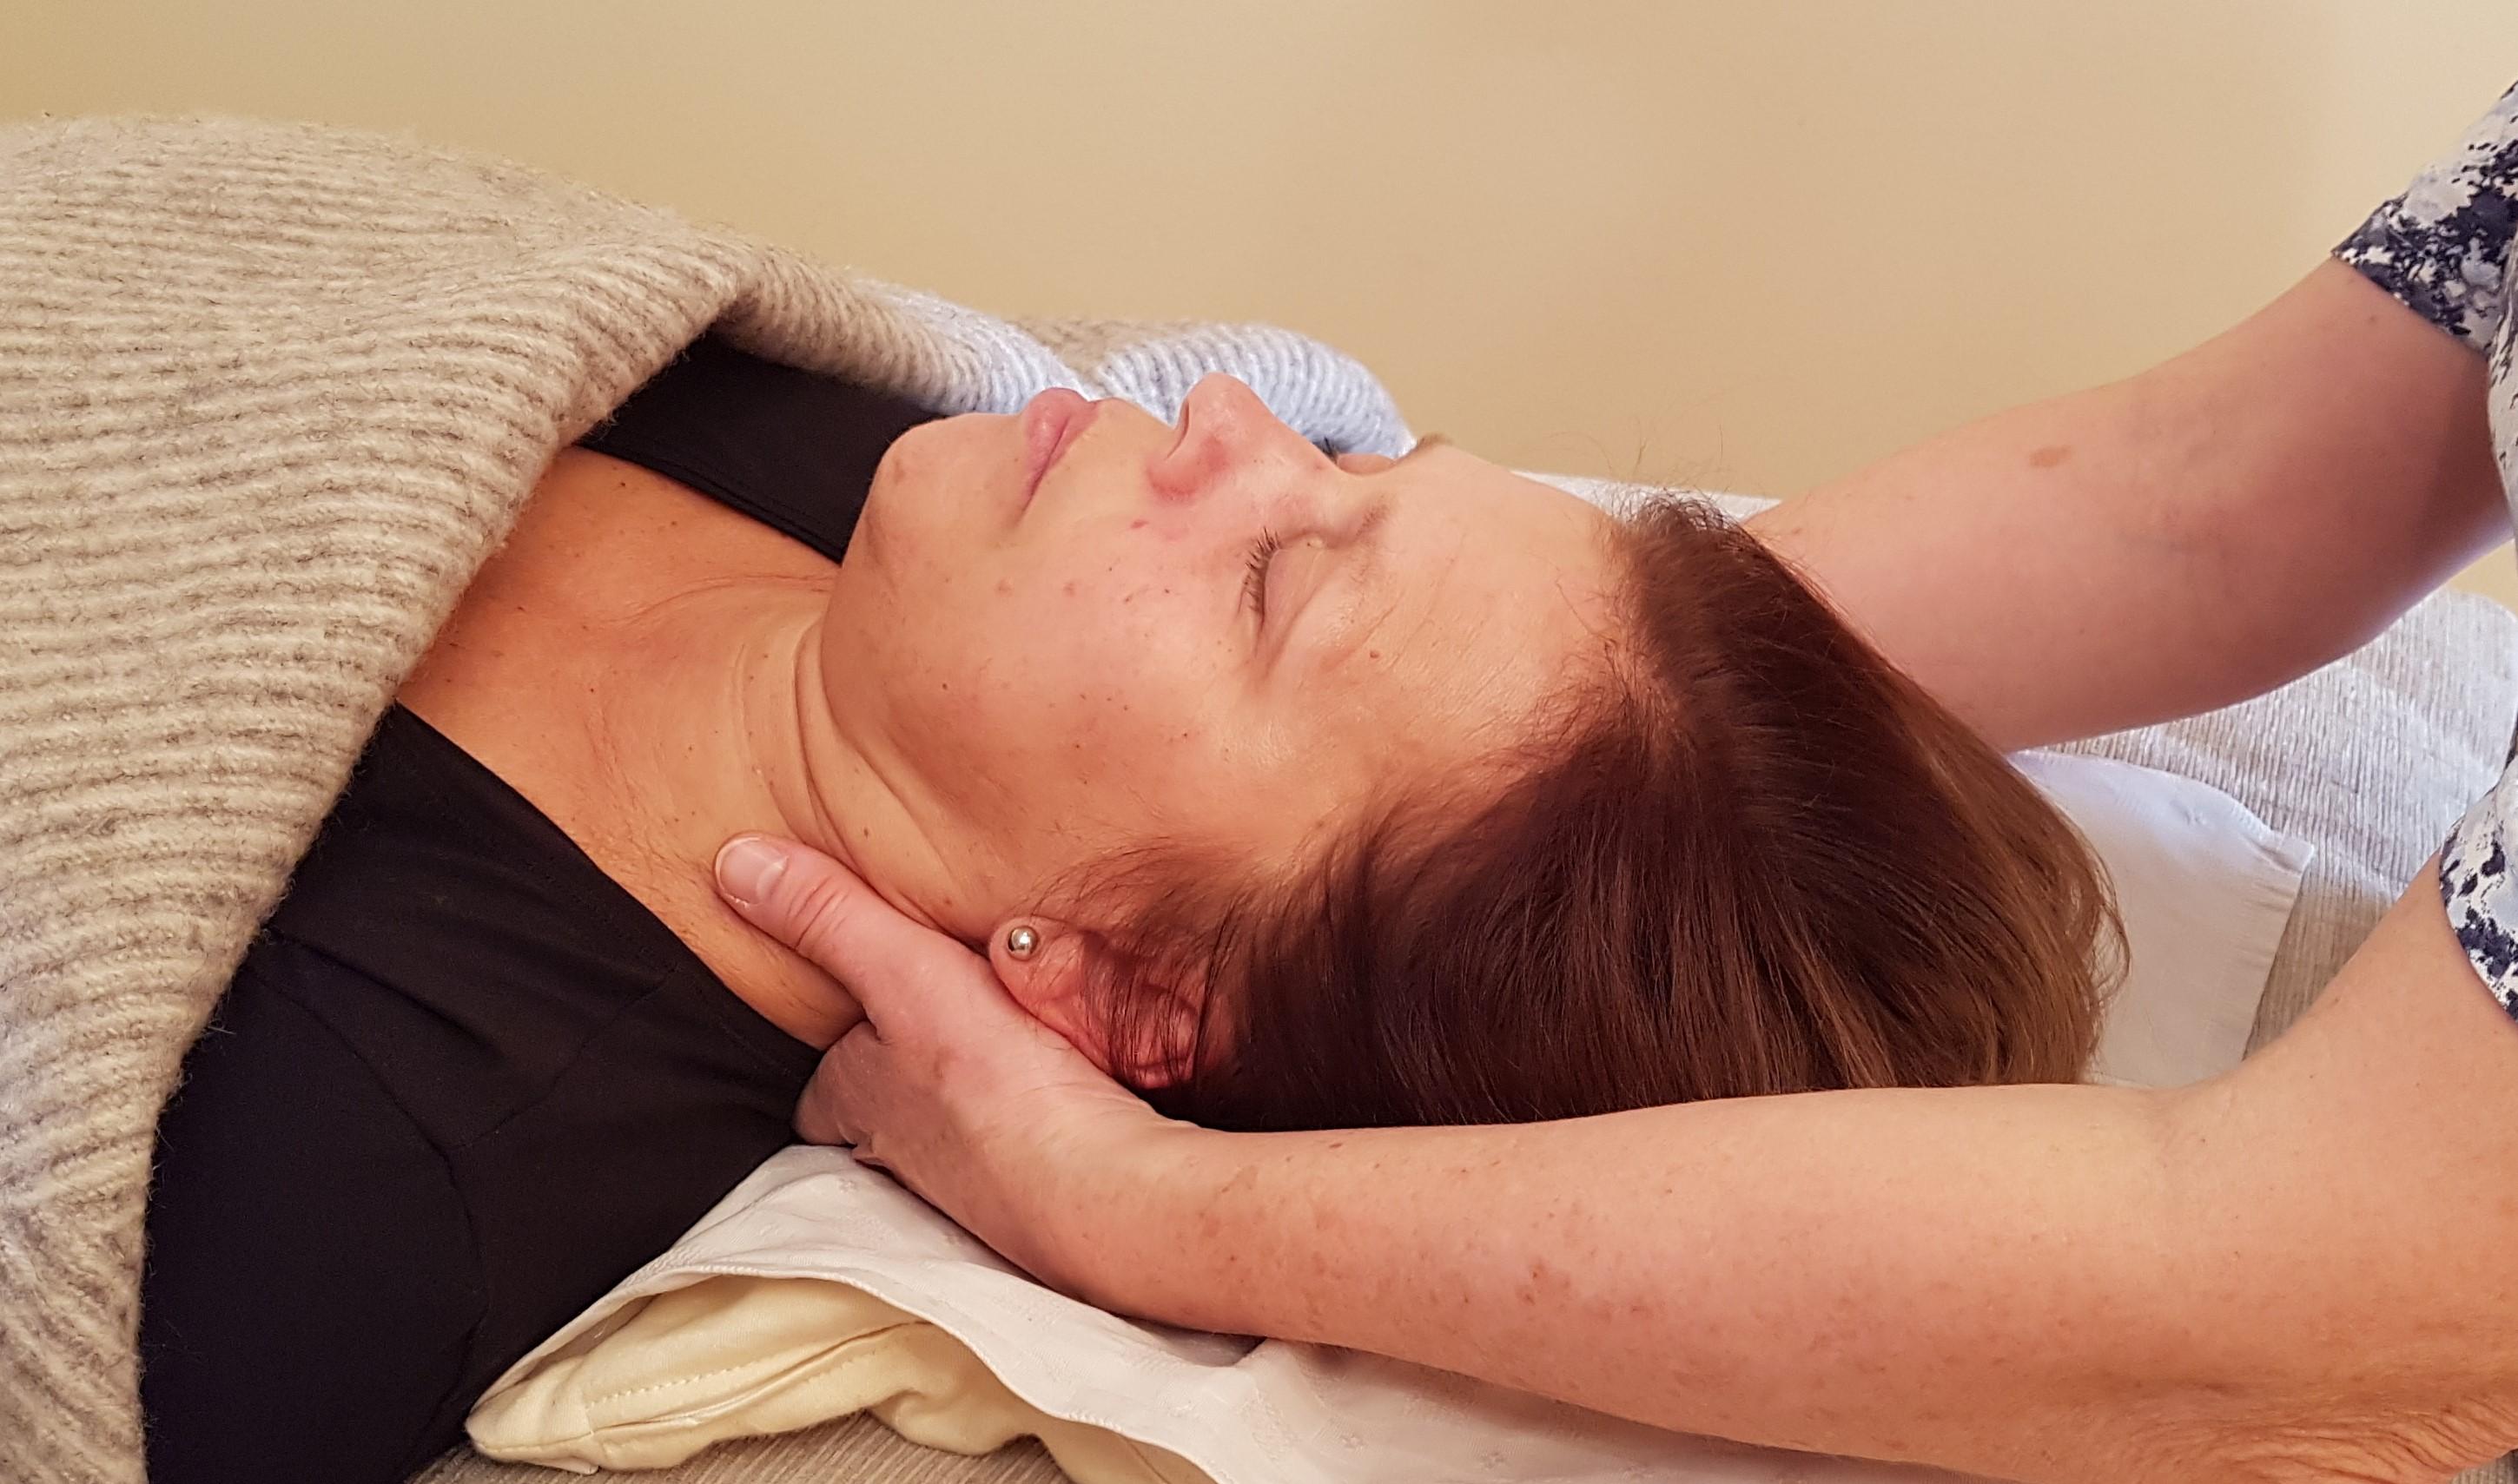 Afspændingsbehandlinger og psykomotorik lindre kroniske og uforklarlige smerter